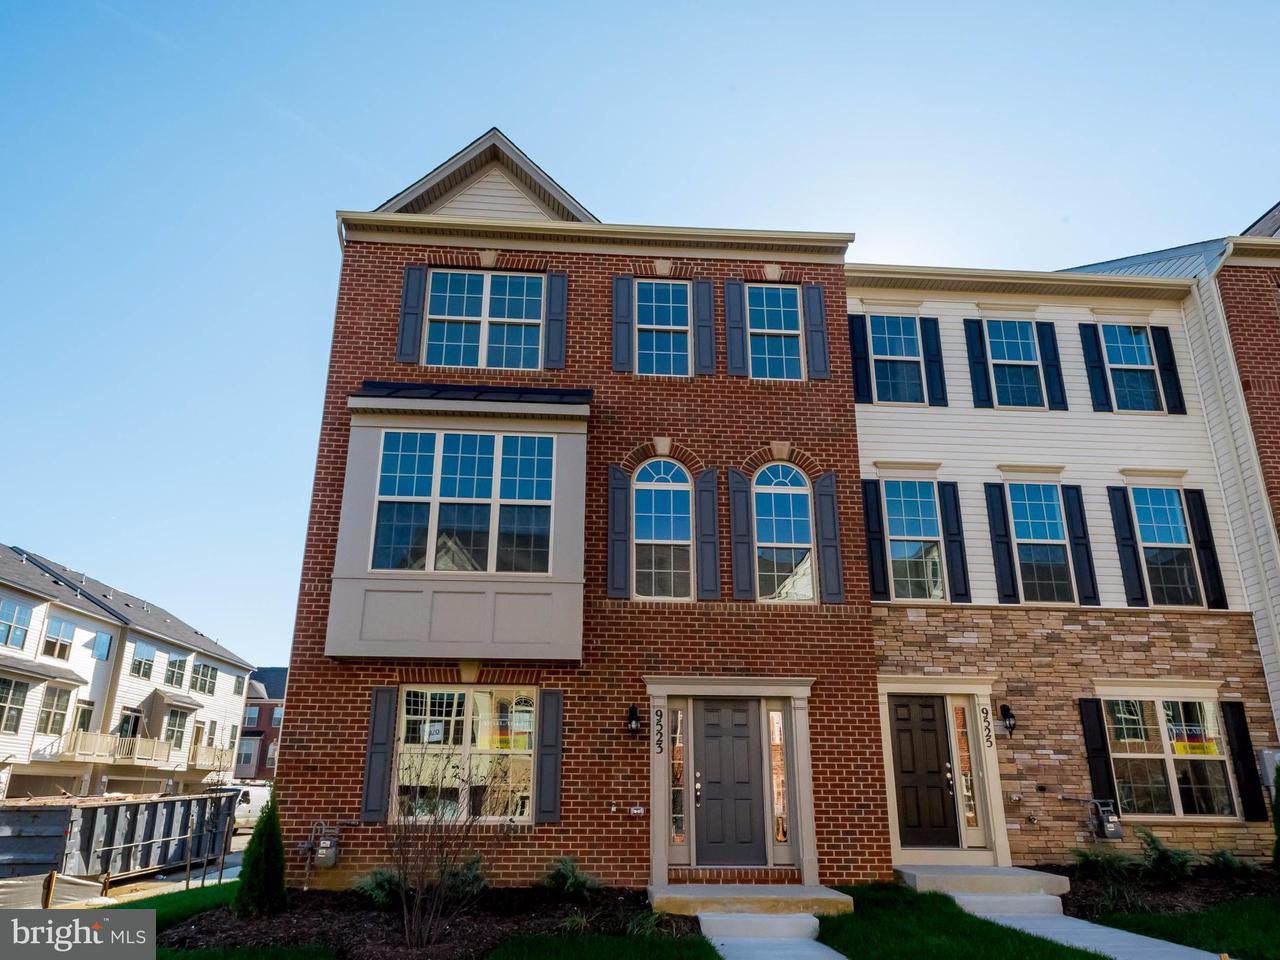 Casa unifamiliar adosada (Townhouse) por un Venta en 9523 SMITHVIEW Place 9523 SMITHVIEW Place Glenarden, Maryland 20706 Estados Unidos